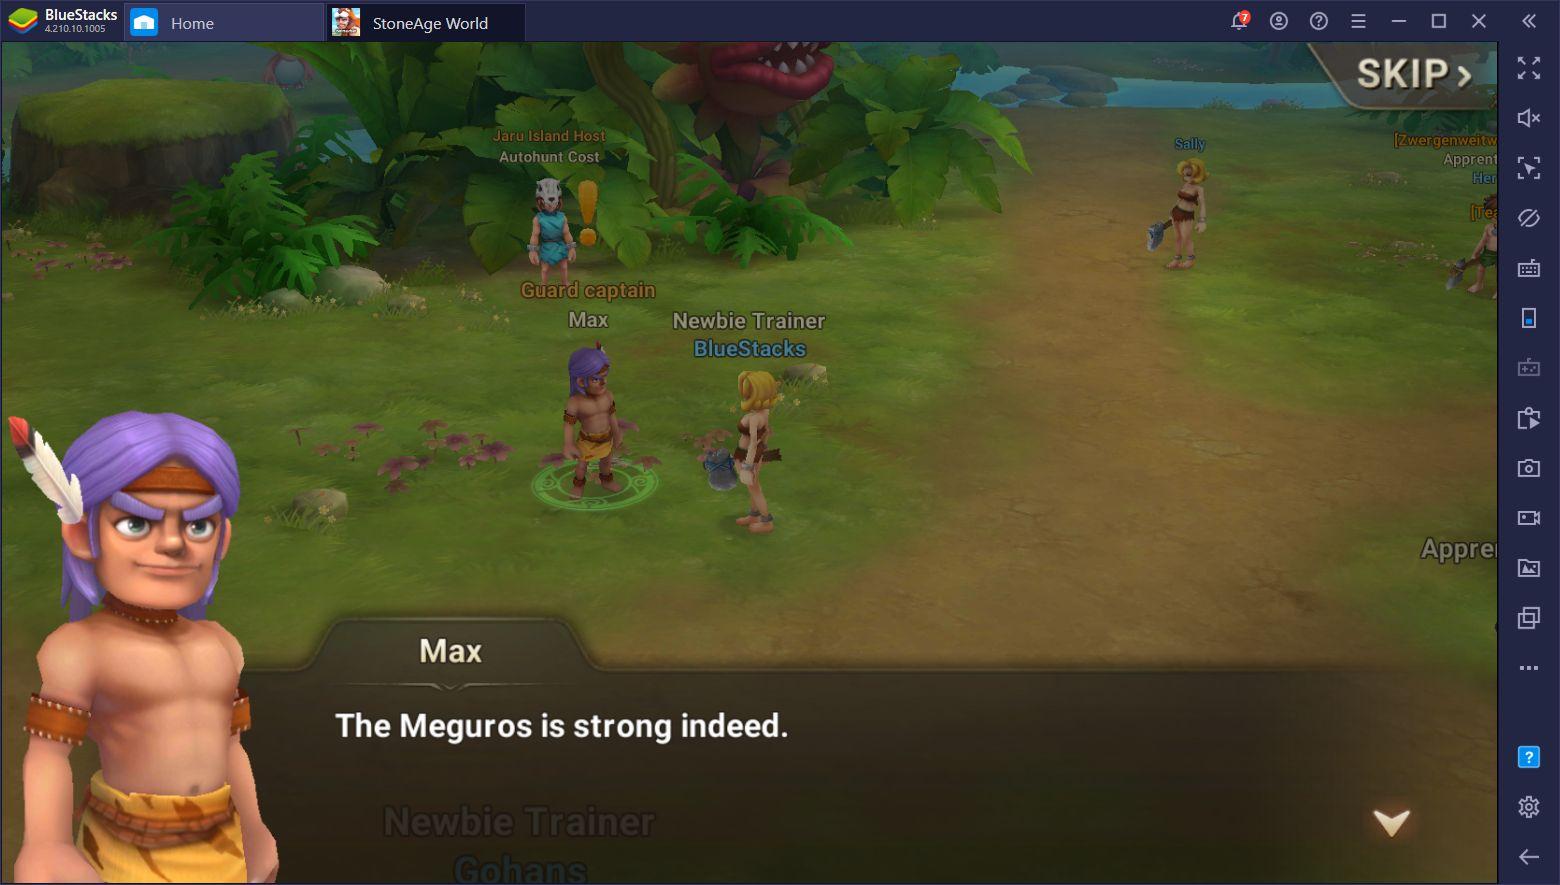 StoneAge World – So spielst du auf deinem PC mit BlueStacks